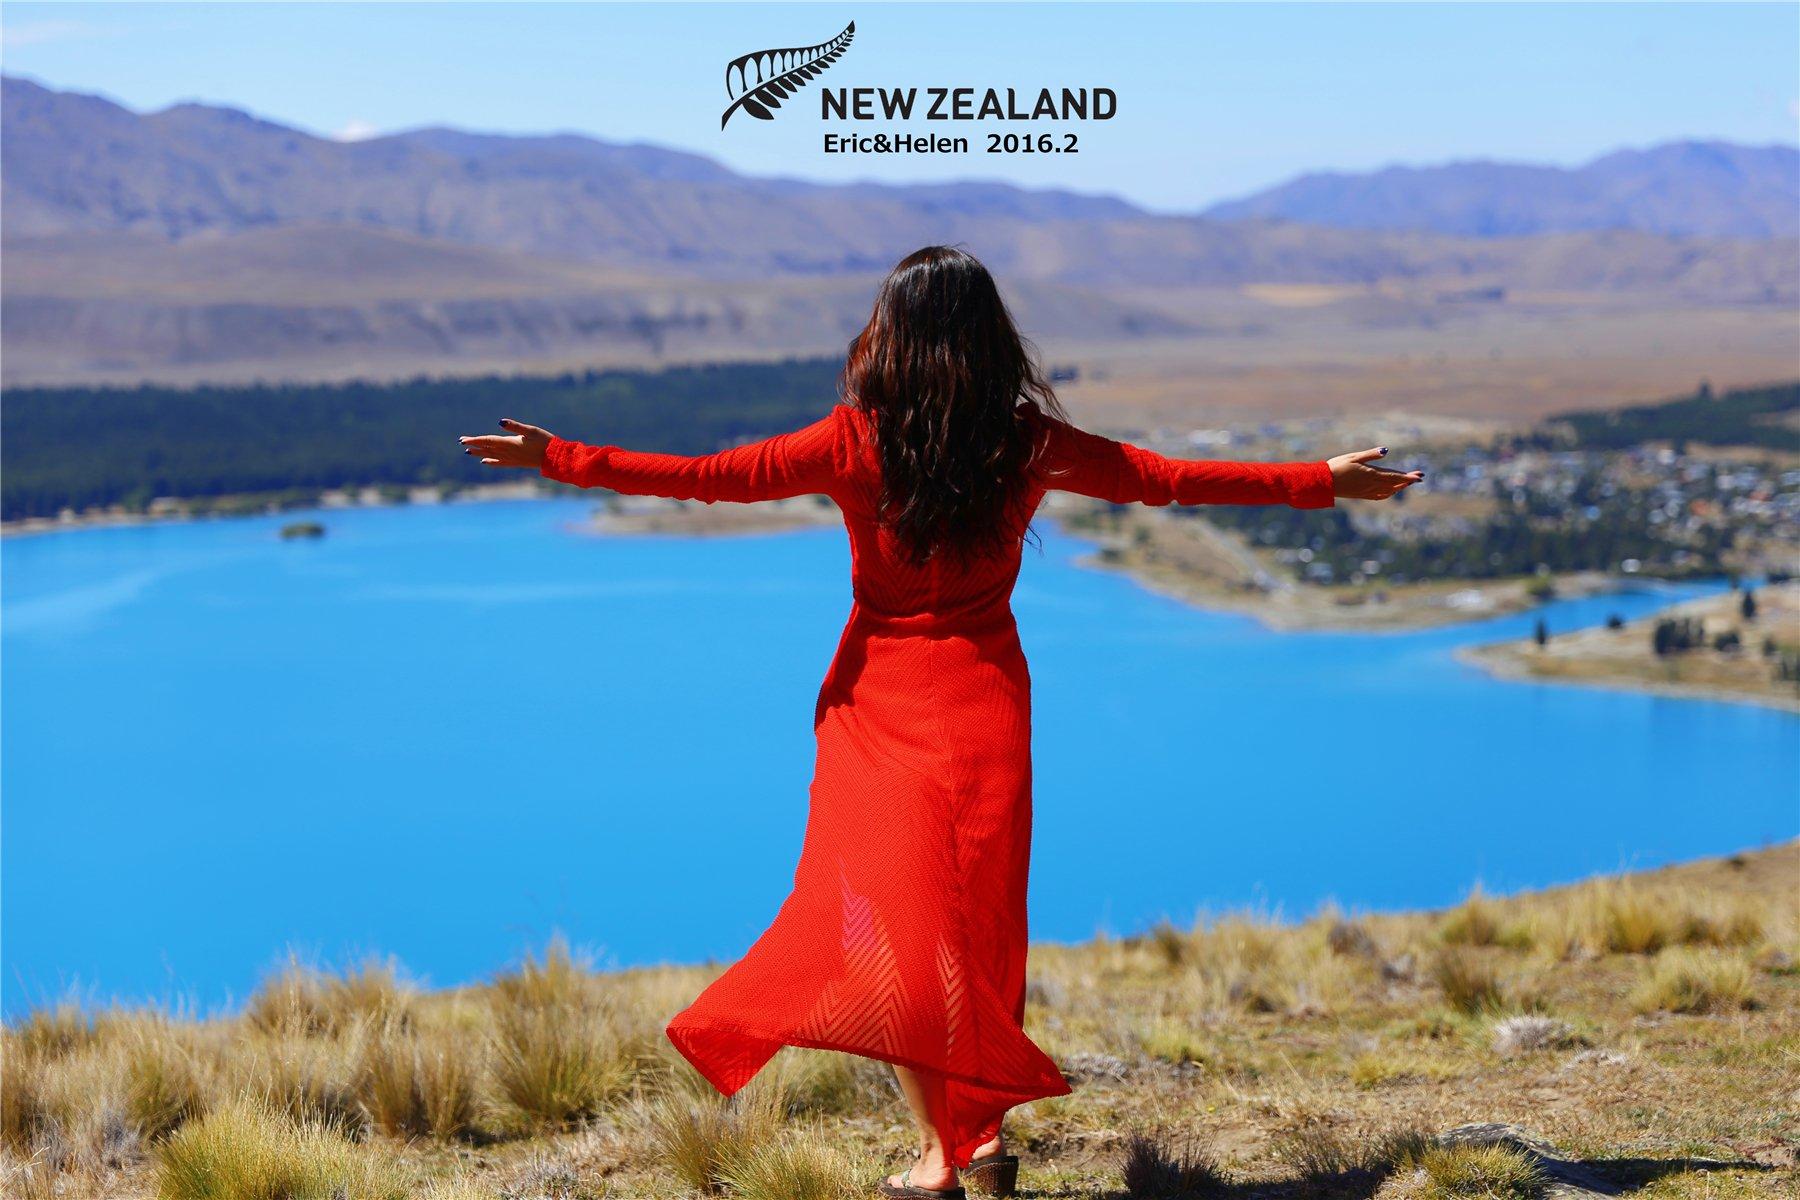 行走在路上——我的新西兰南岛之旅